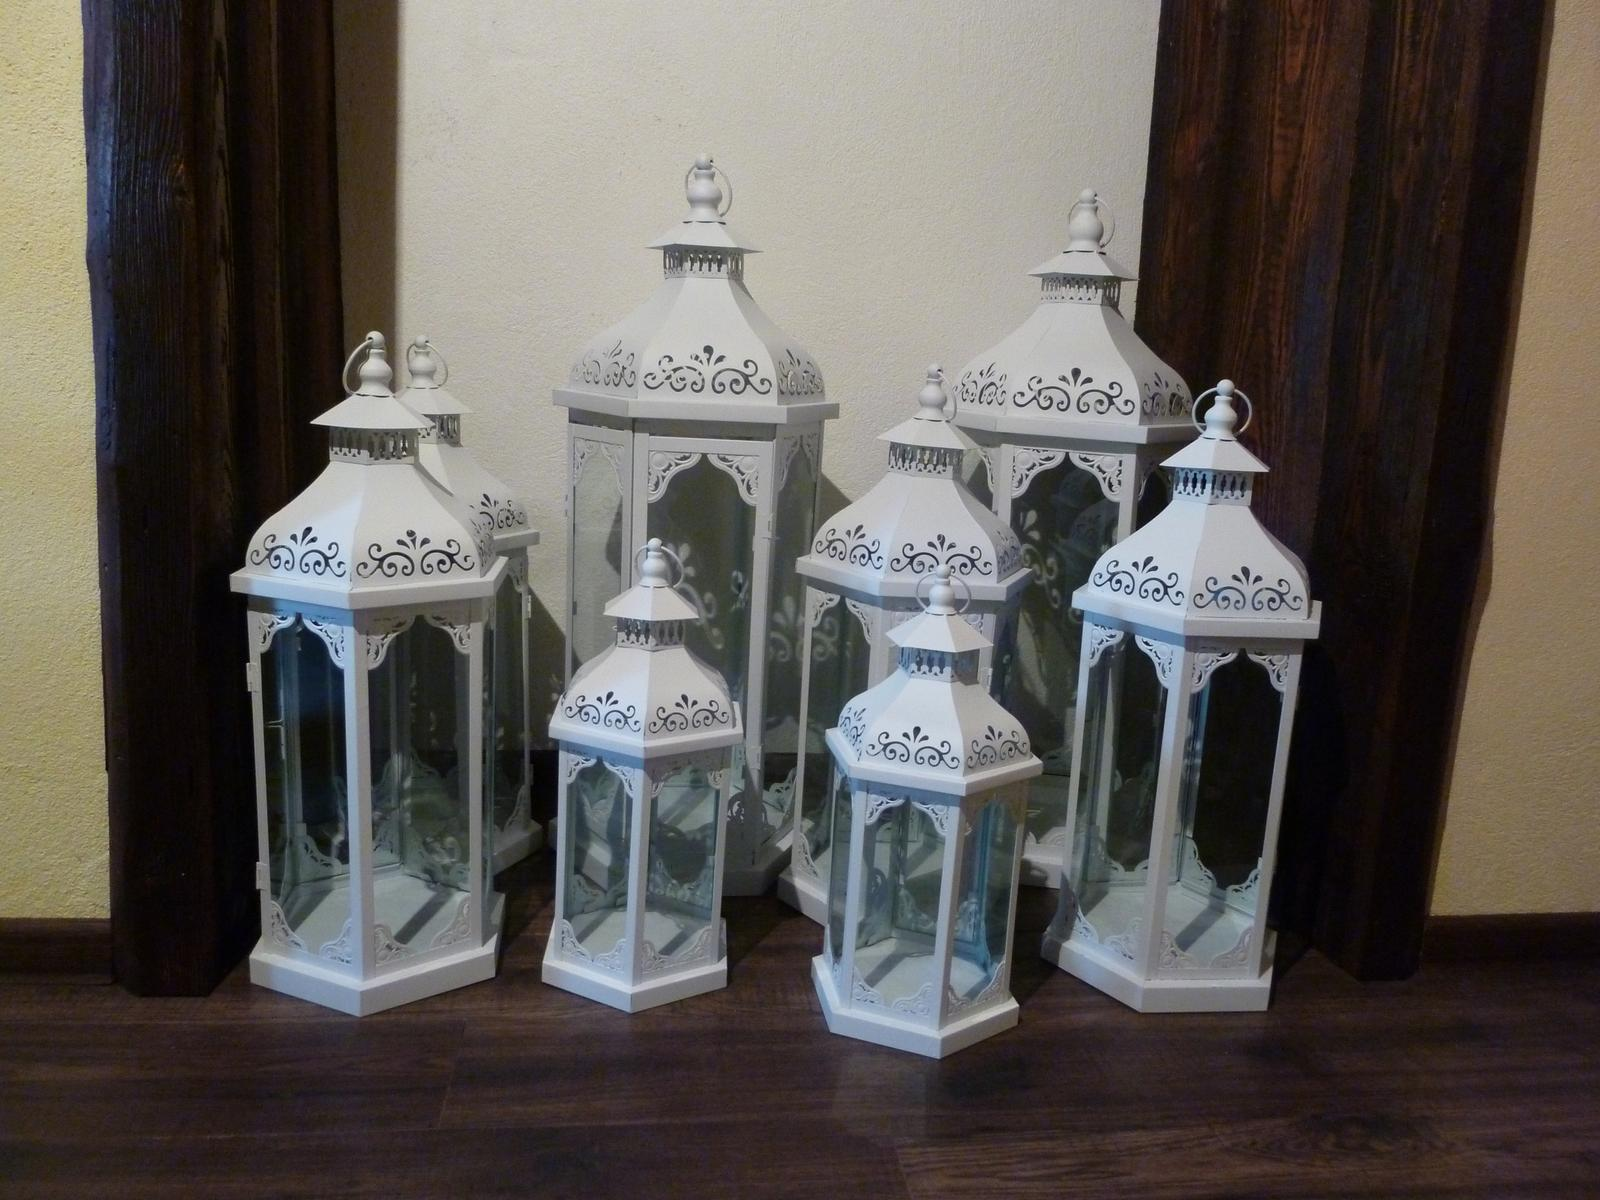 Biele svadobné lampáše na prenájom - Obrázok č. 3